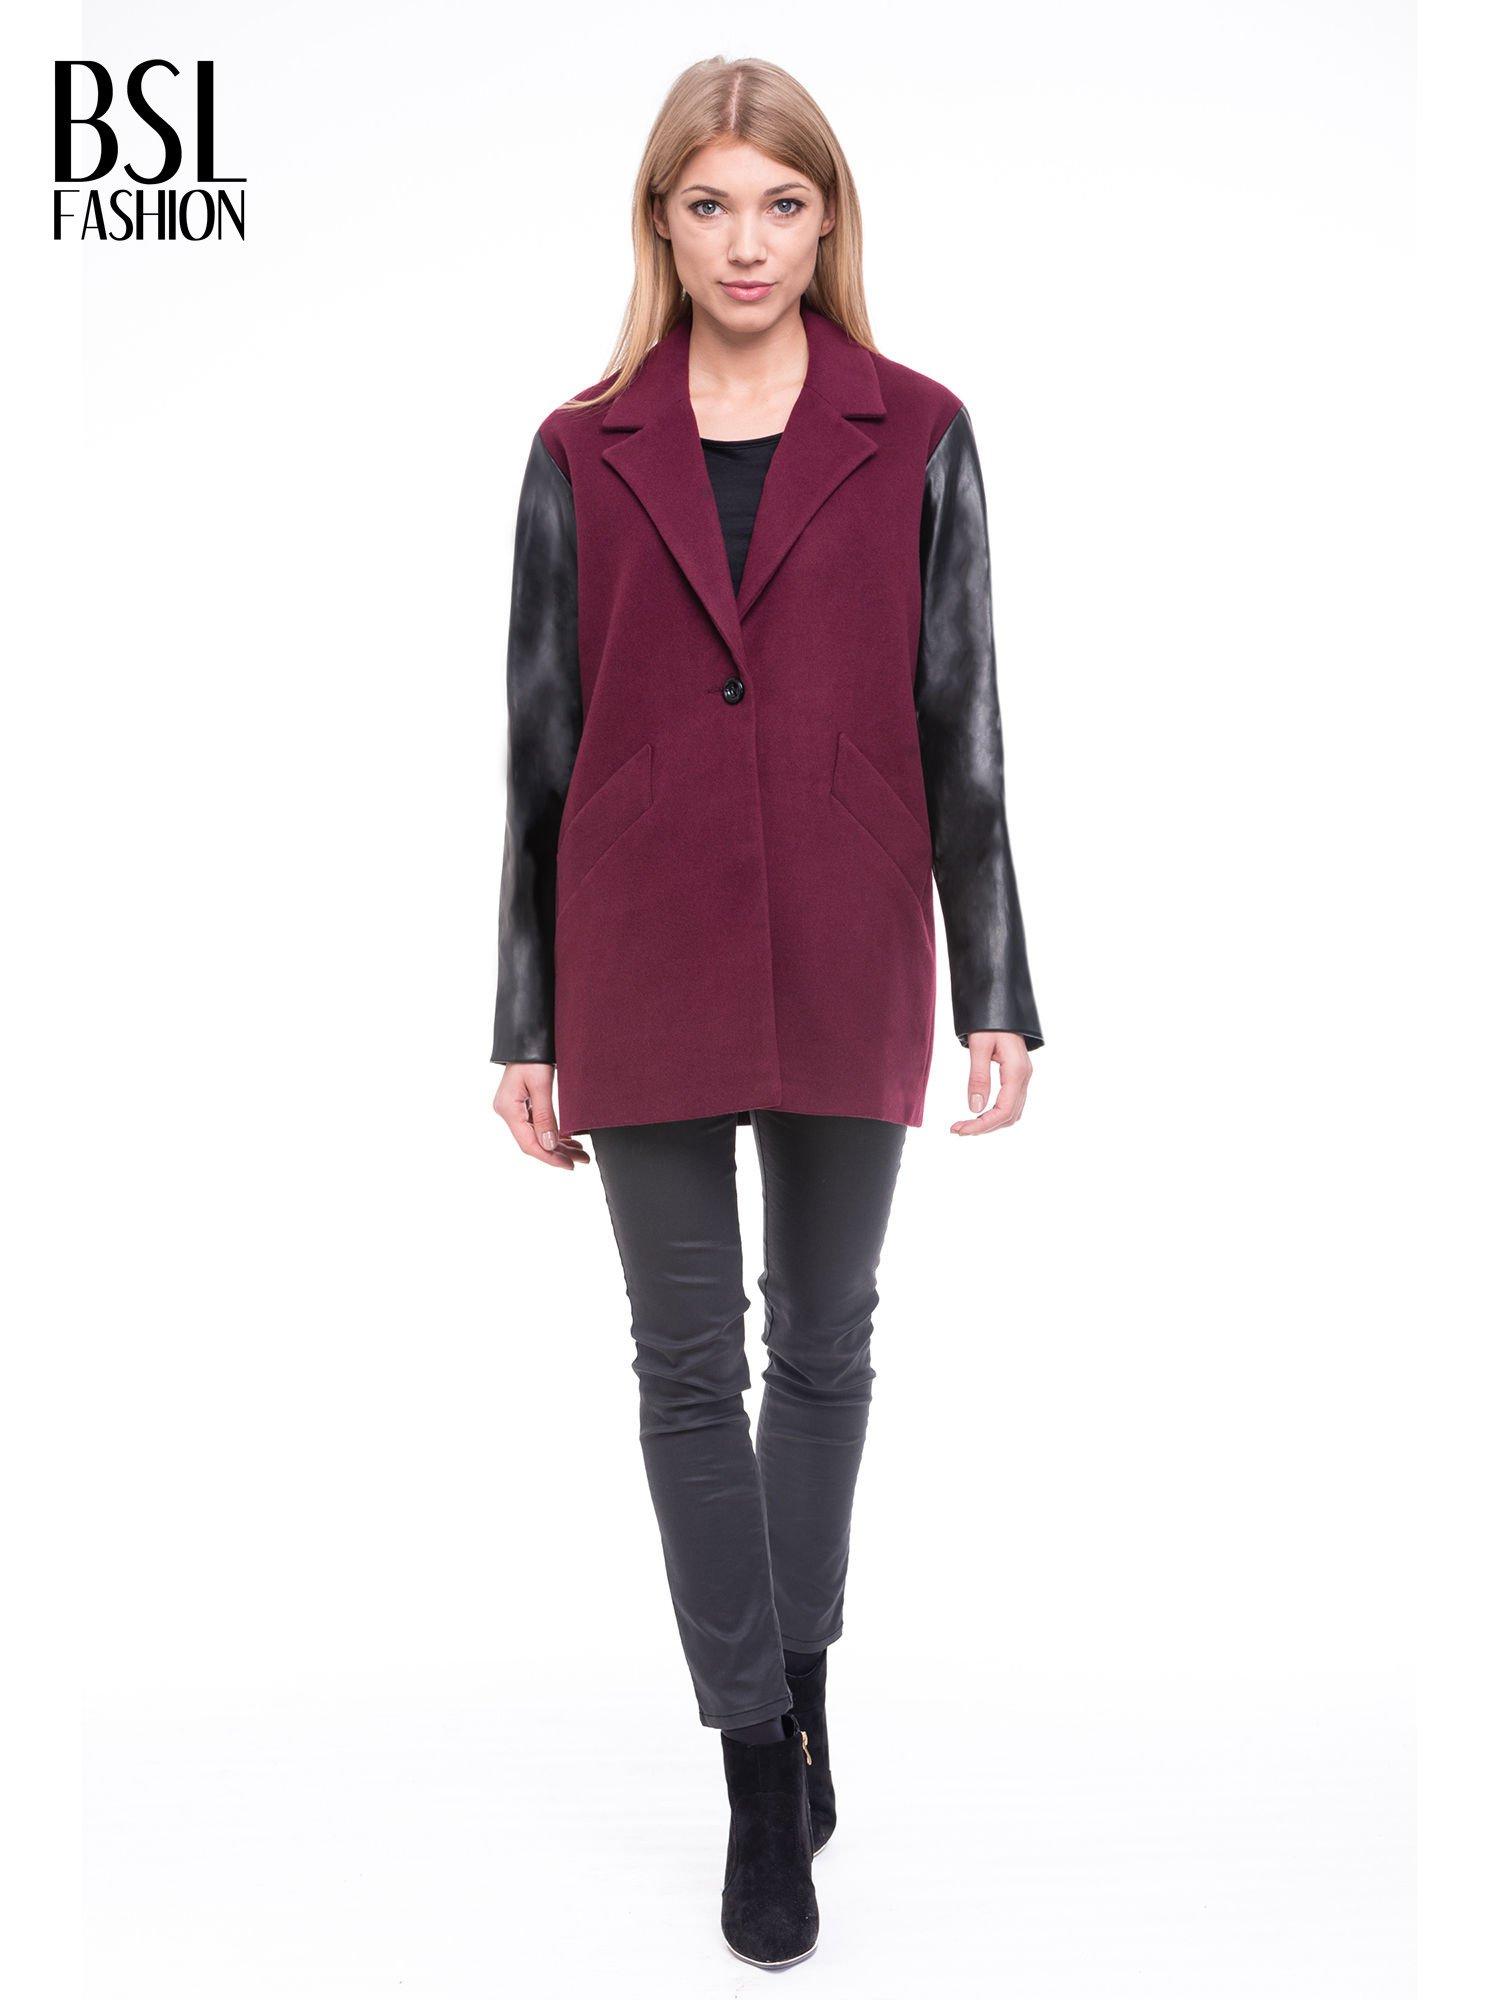 Bordowy płaszcz jednorzędowy ze skórzanymi rękawami                                  zdj.                                  2